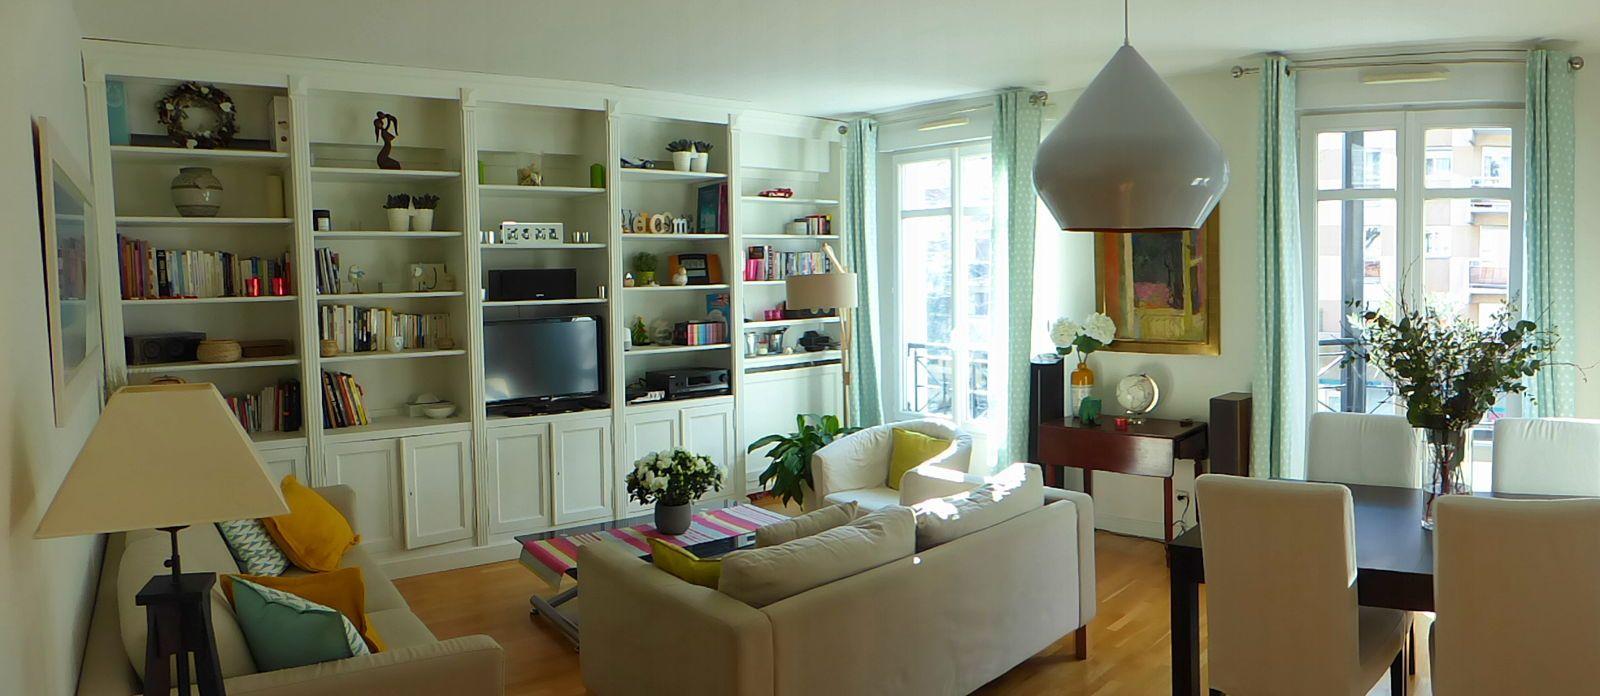 Vends Appartement 3pièces - 2chambres - 75m² à Asnières-sur-Seine